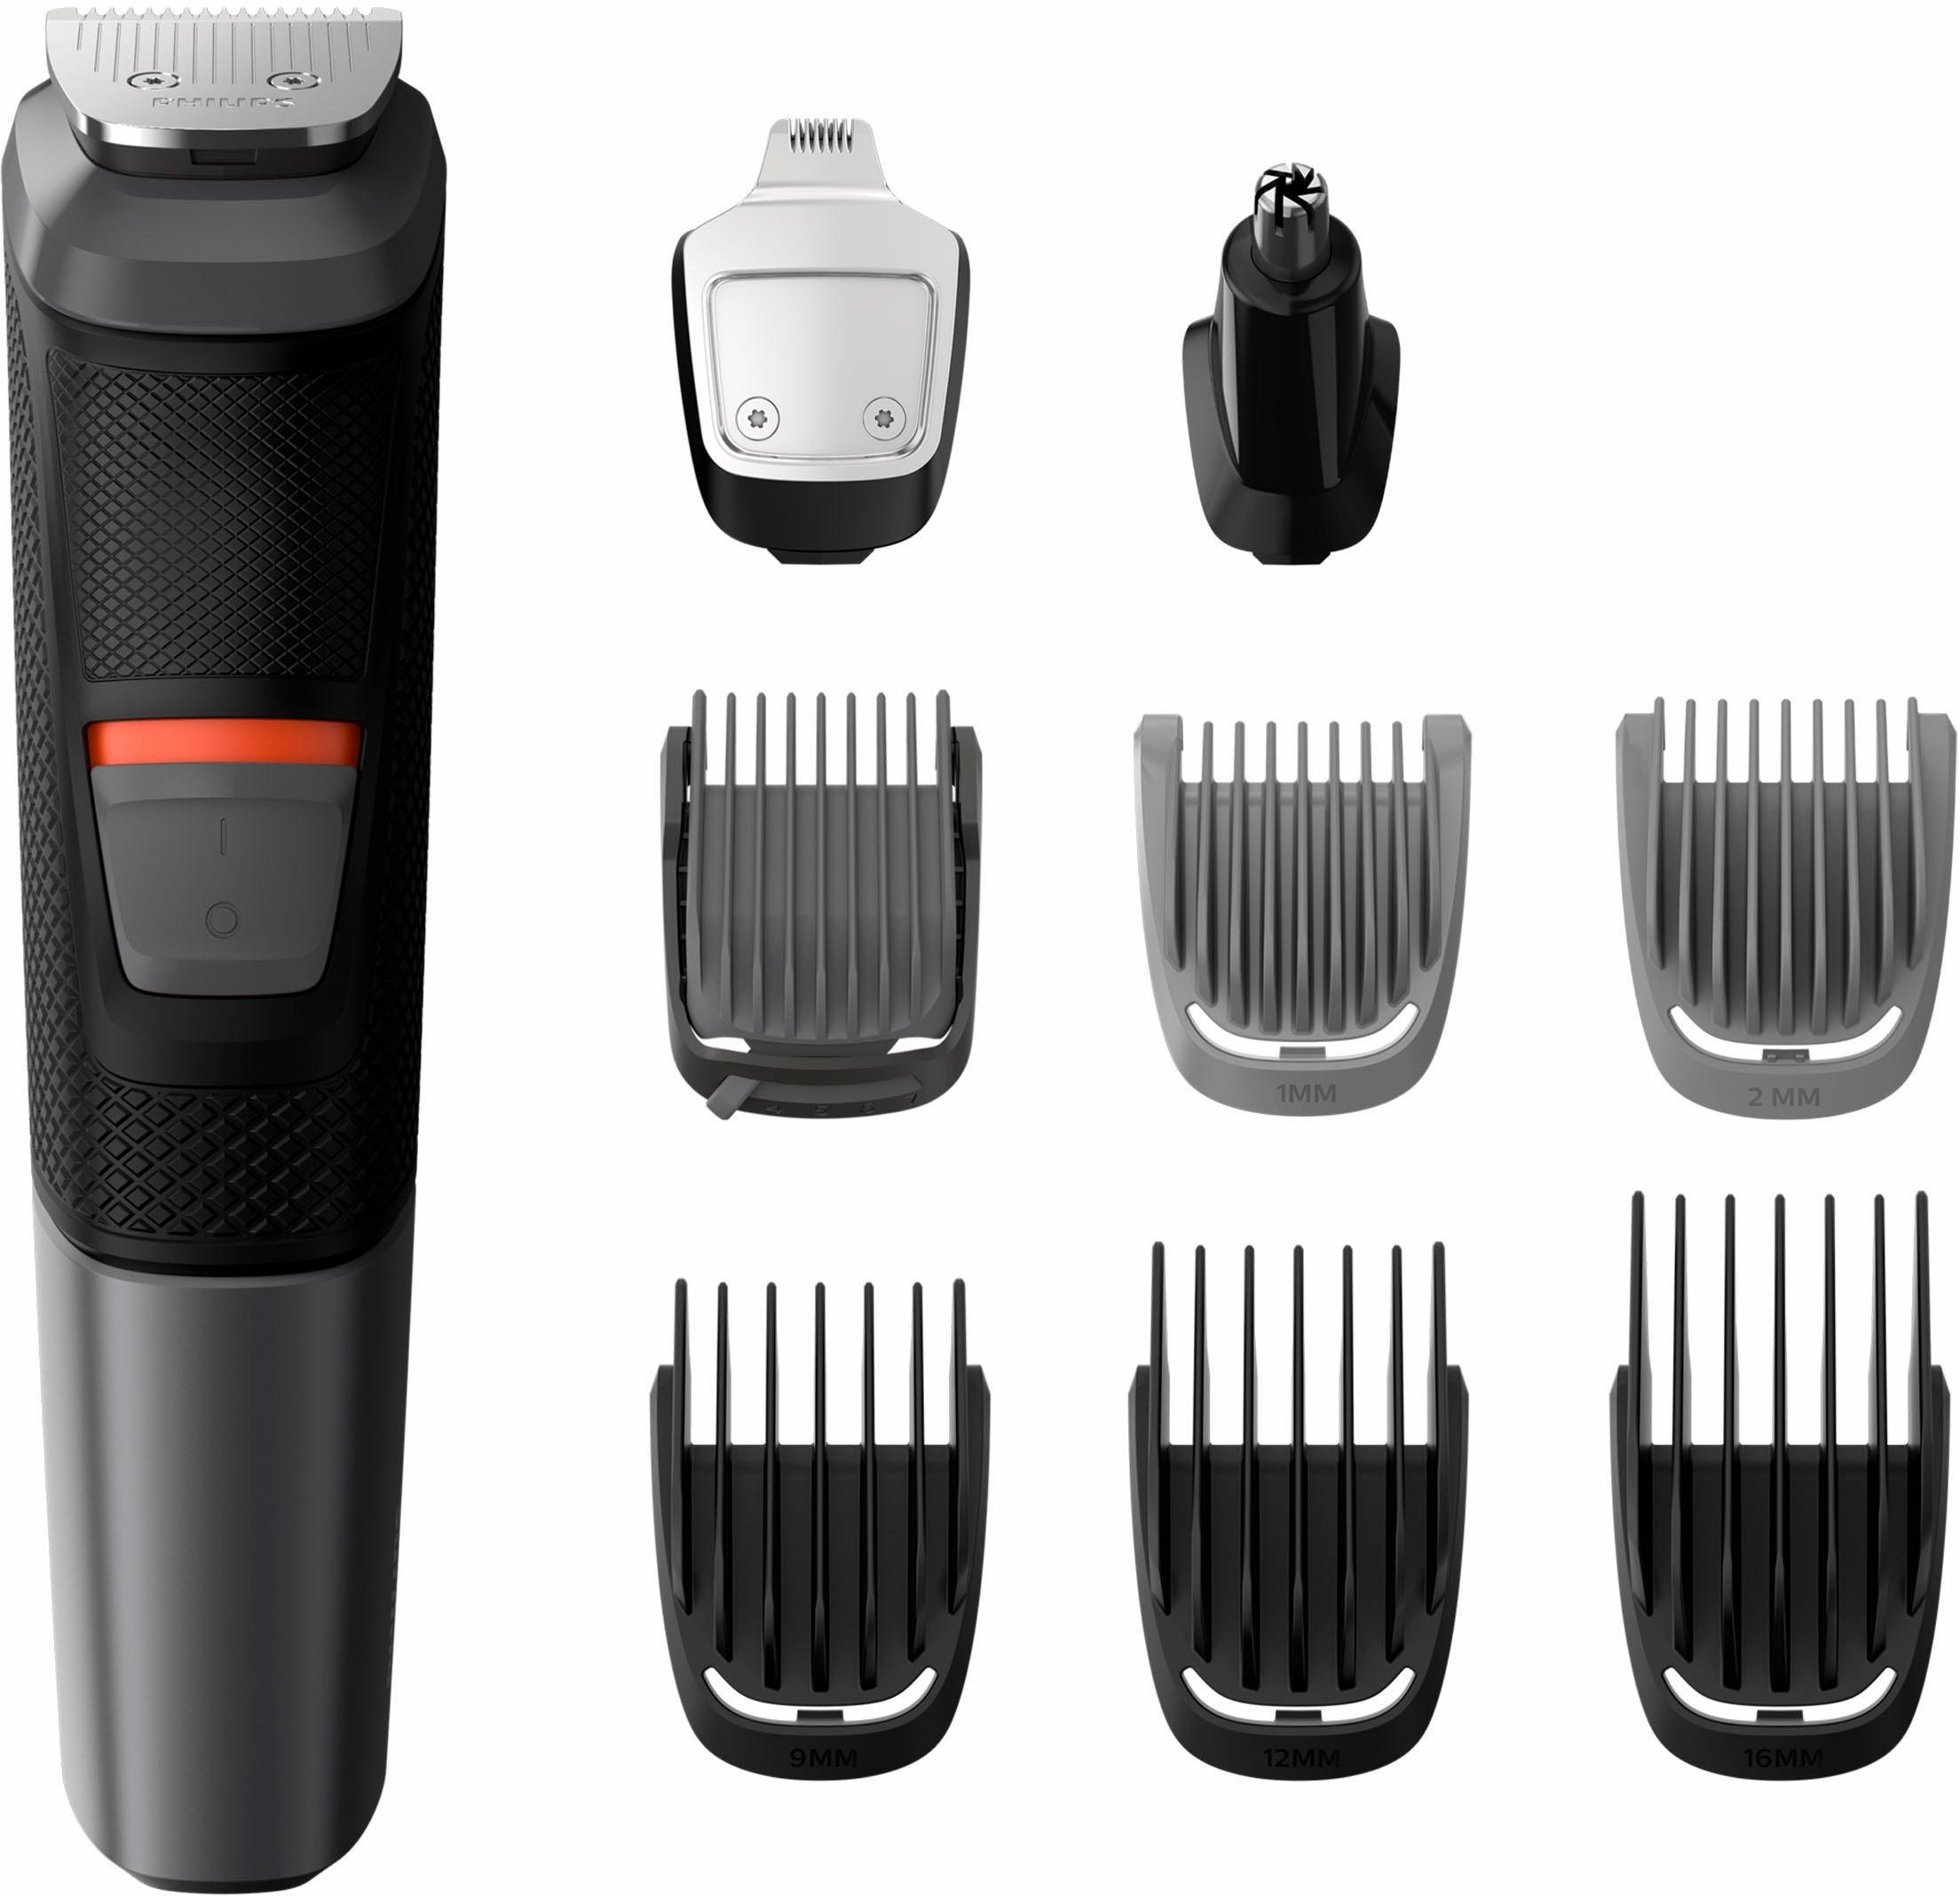 Philips verzorgingsset MG5720/15, Multigroom Series 5000 met 9 hoogwaardige opzetstukken bestellen: 30 dagen bedenktijd